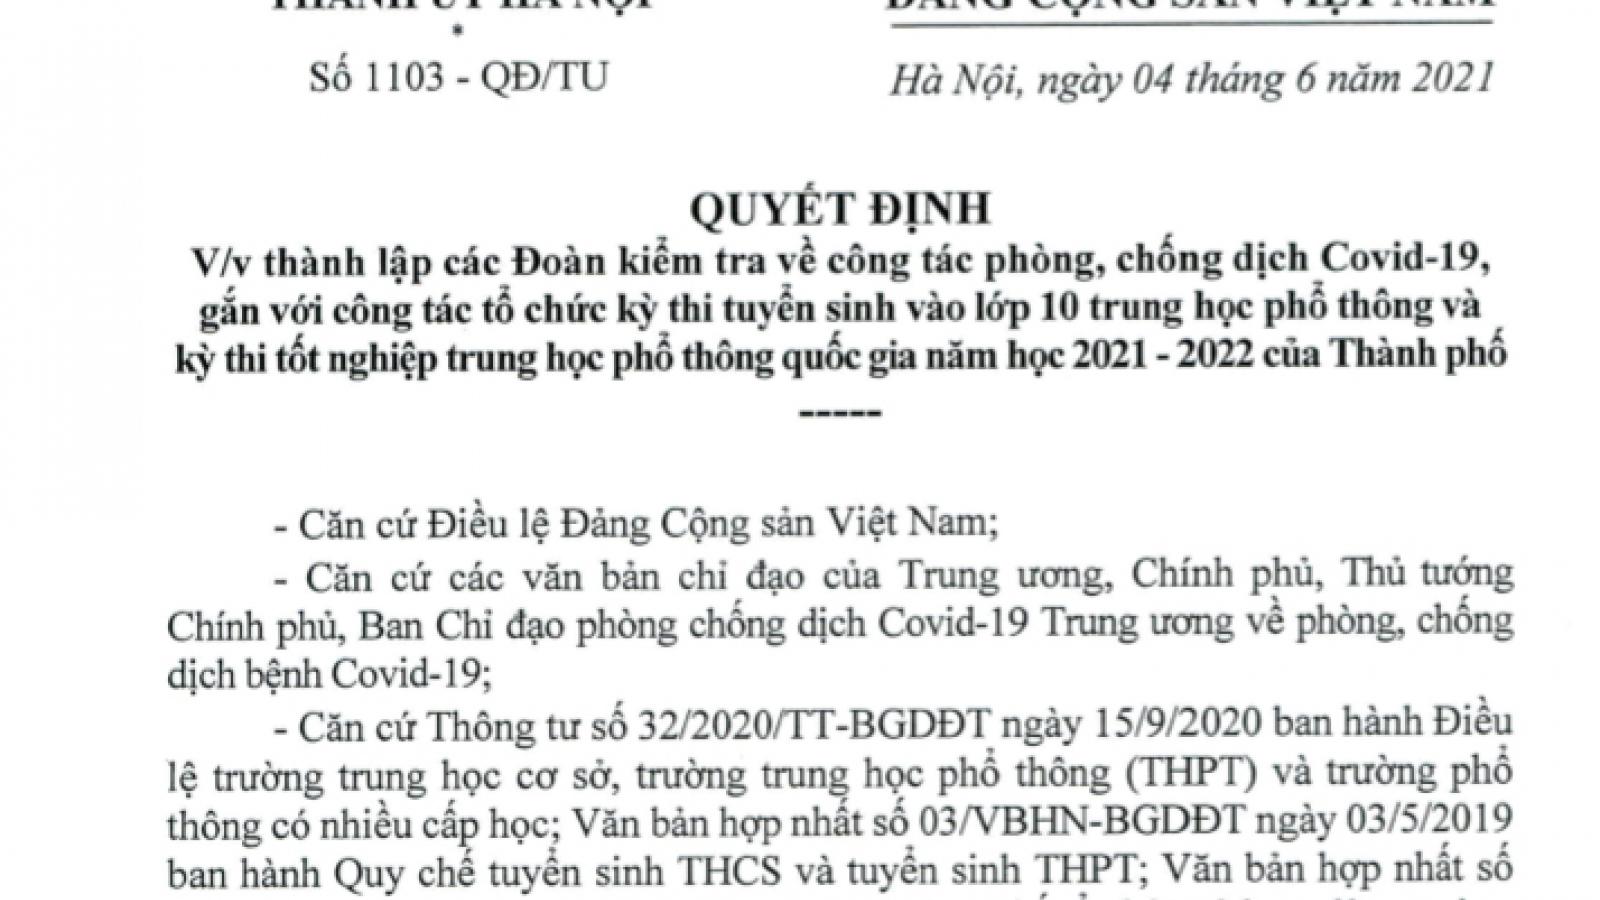 Hà Nội lập 15 đoàn kiểm tra phòng, chống Covid-19 và kỳ thi lớp 10 và tốt nghiệp THPT